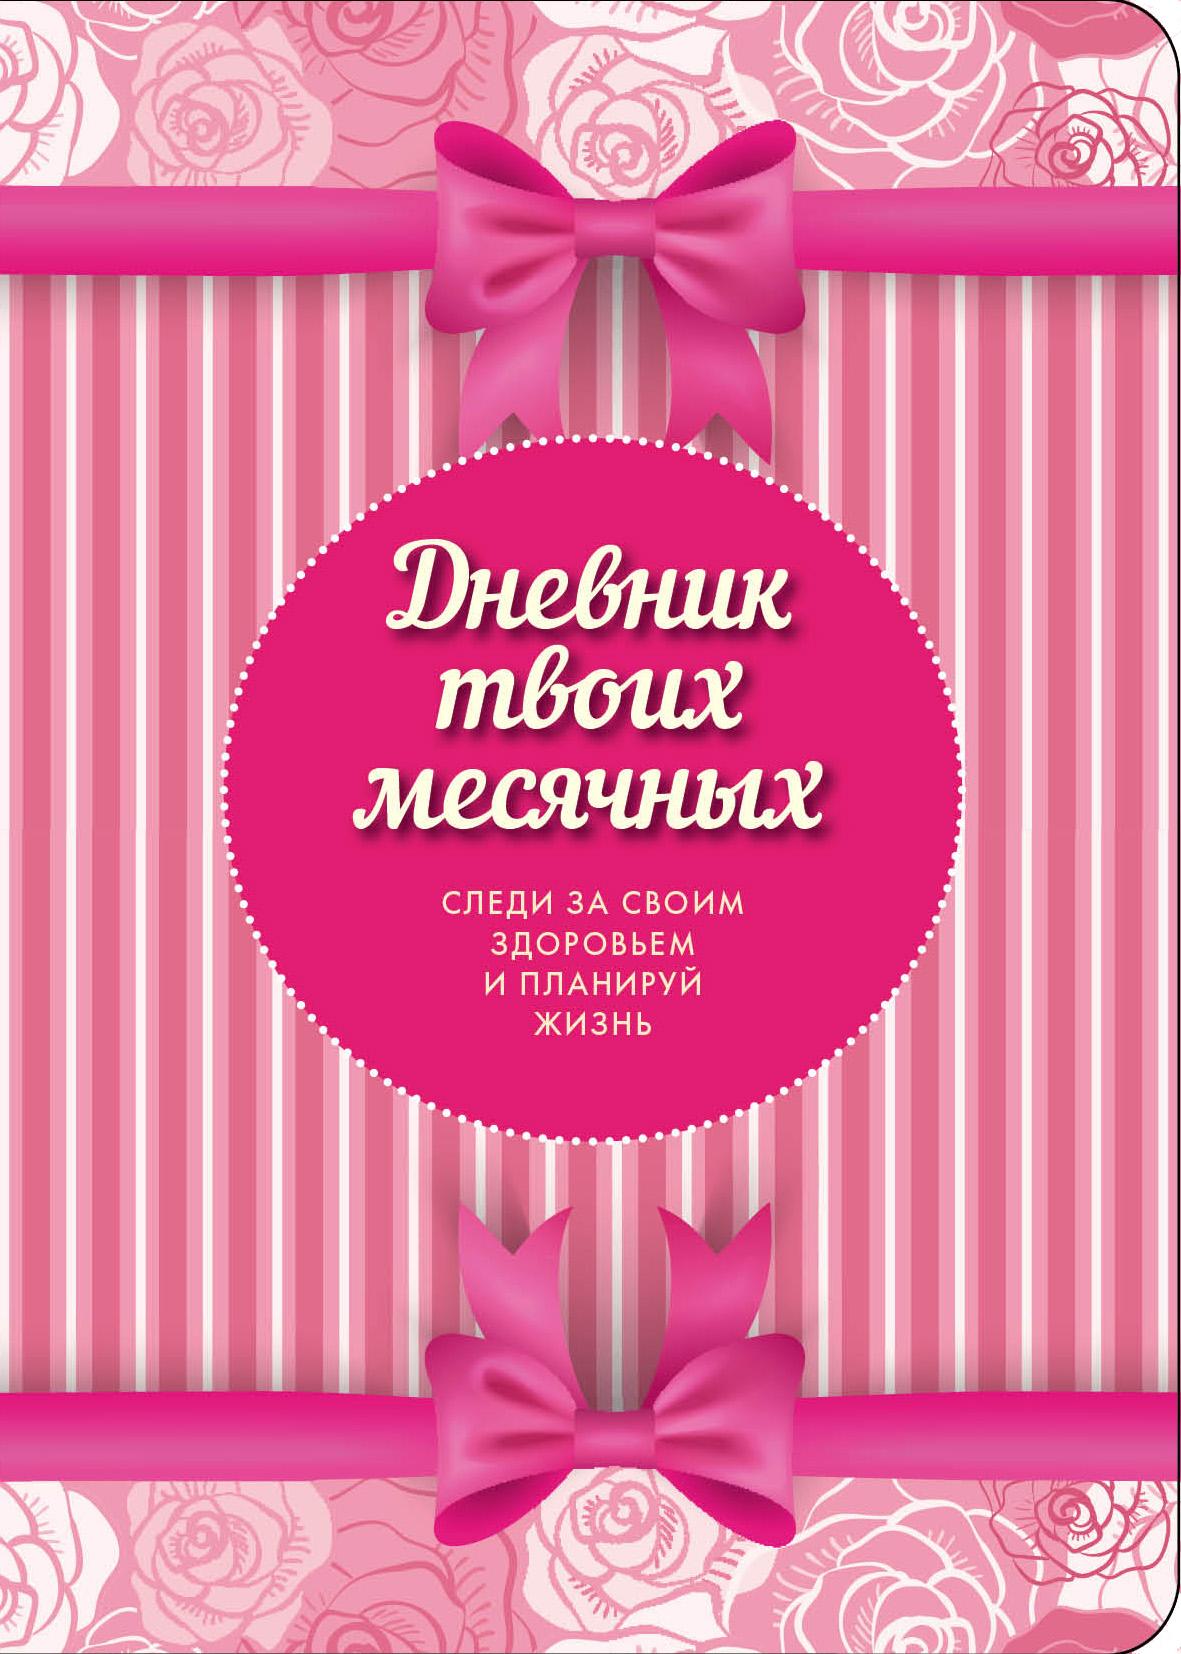 Дневник твоих месячных (3 оформление) книги эксмо дневник твоих месячных 3 оформление